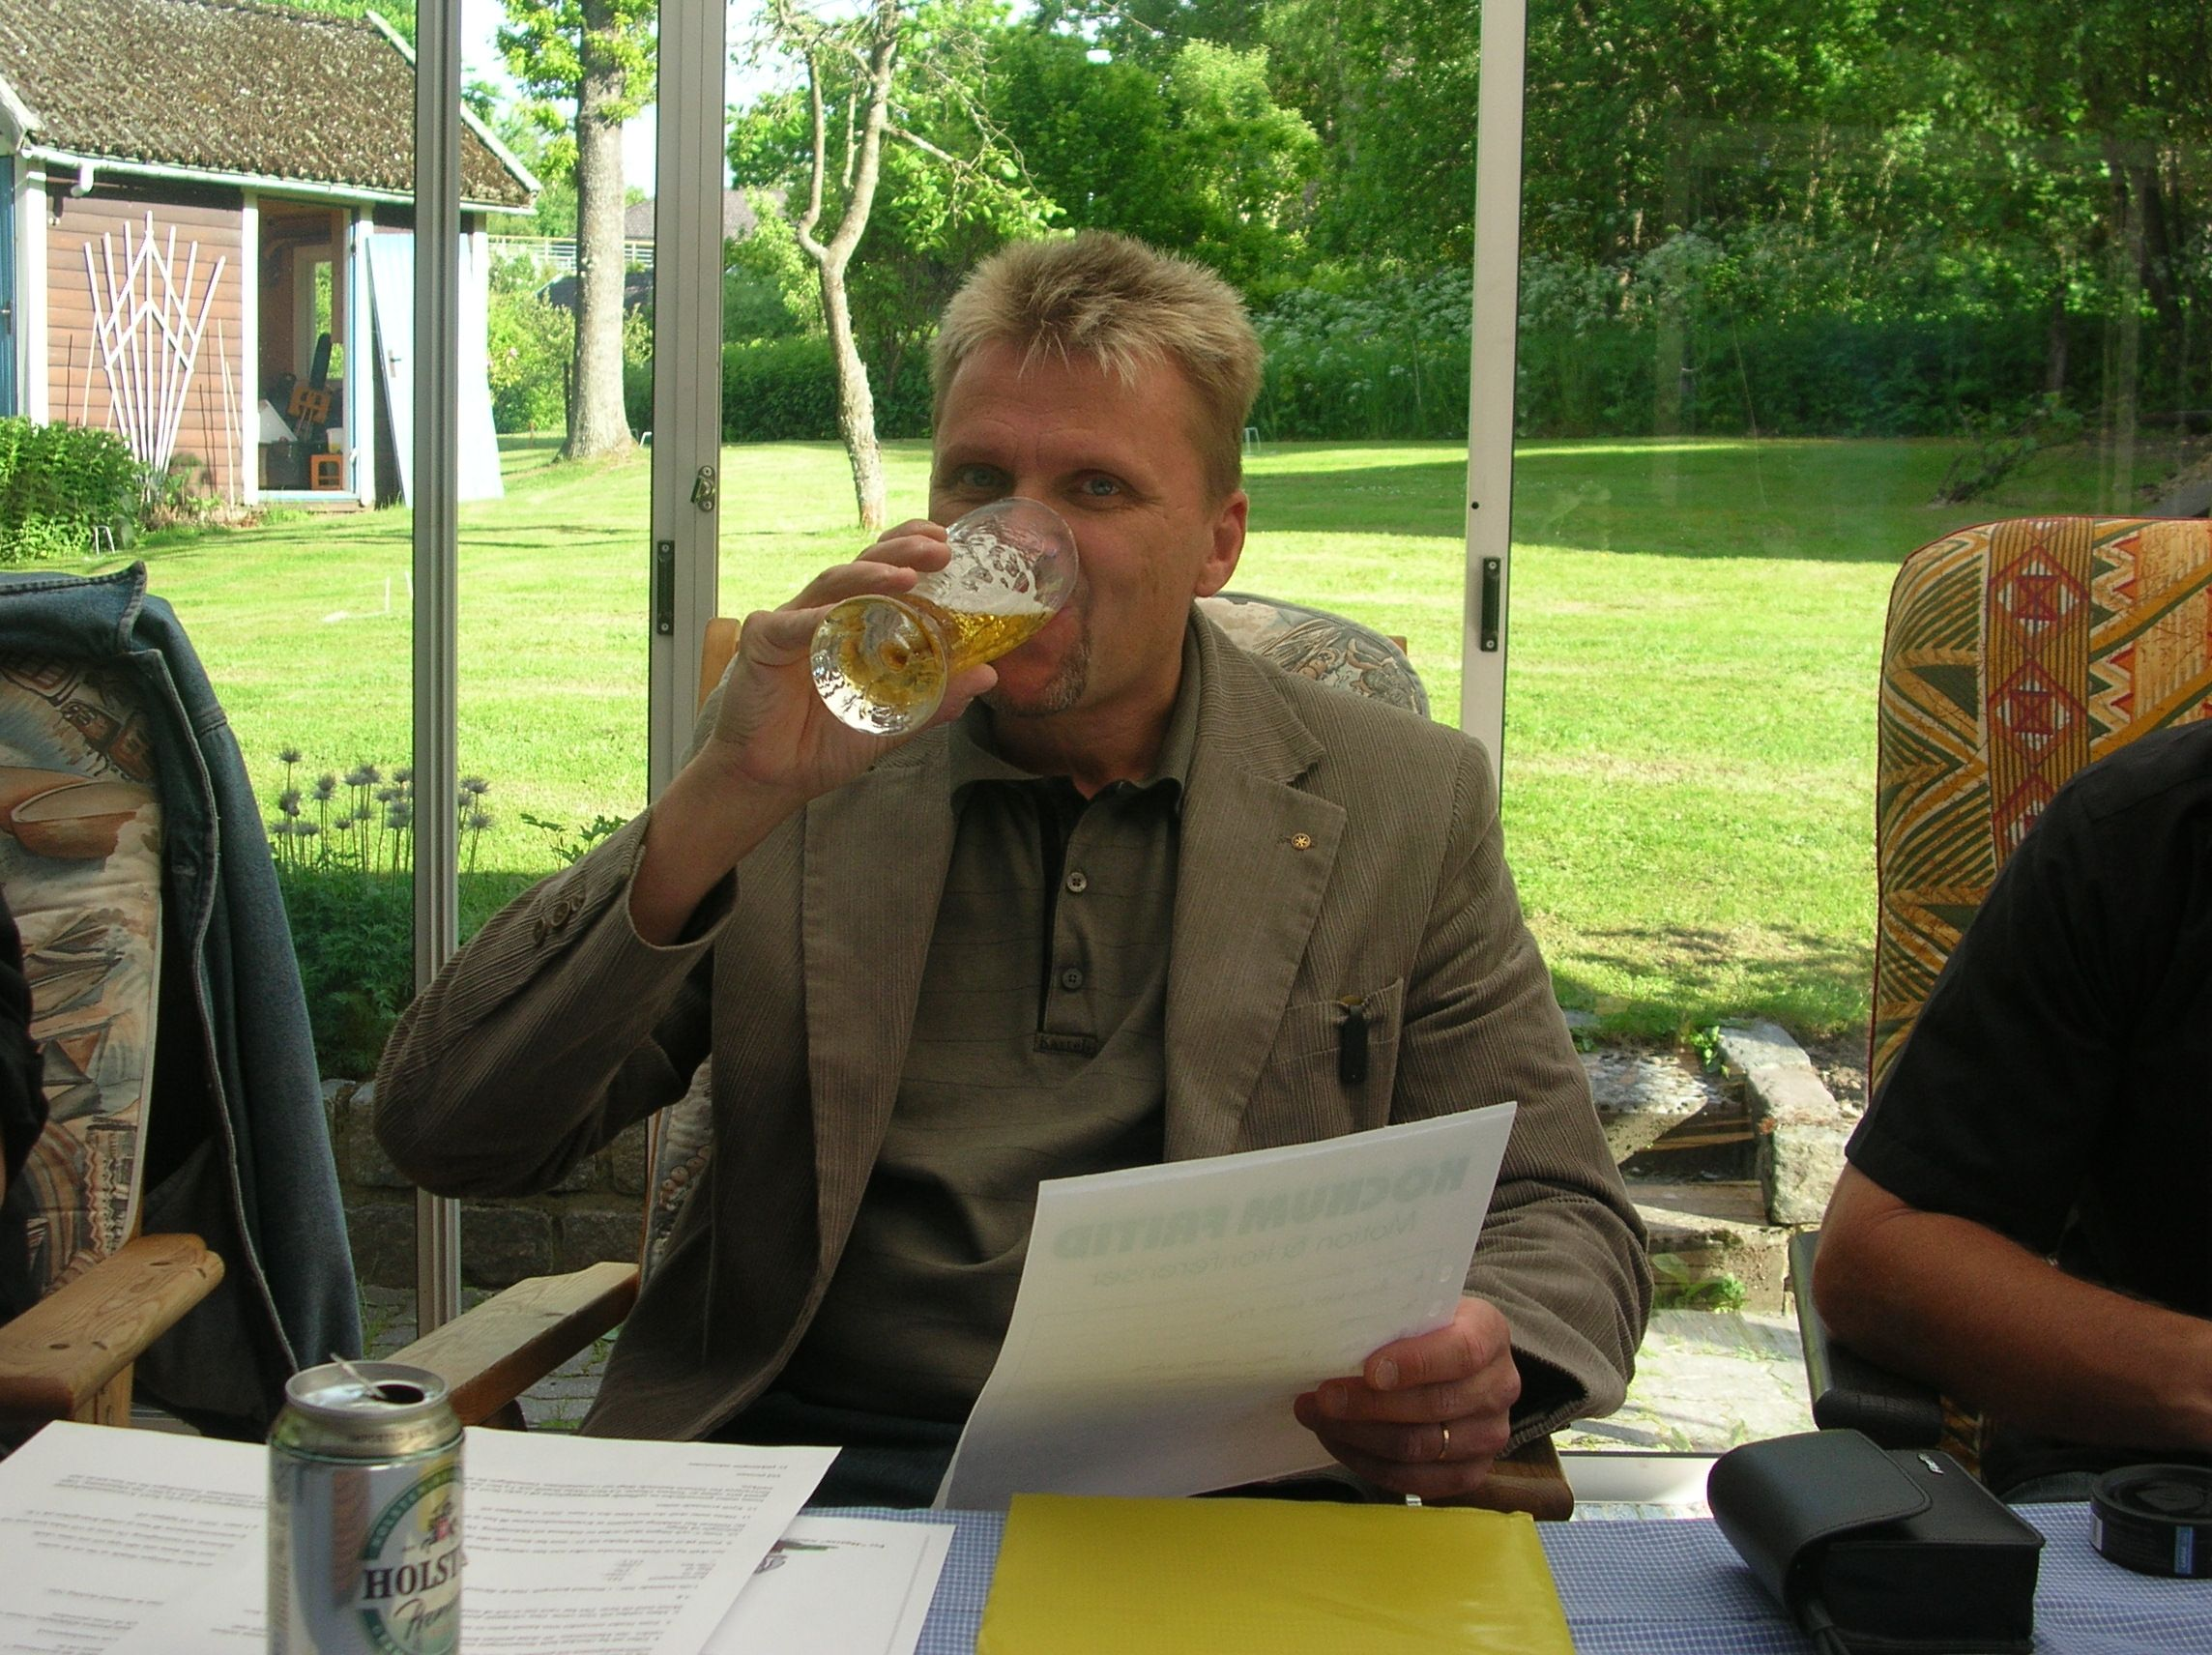 kvarnstensbockarna.se/image/bilder/2005/Möte hos Per 2005-06-11/Bild 01. Gott med en öl i värmen.jpg